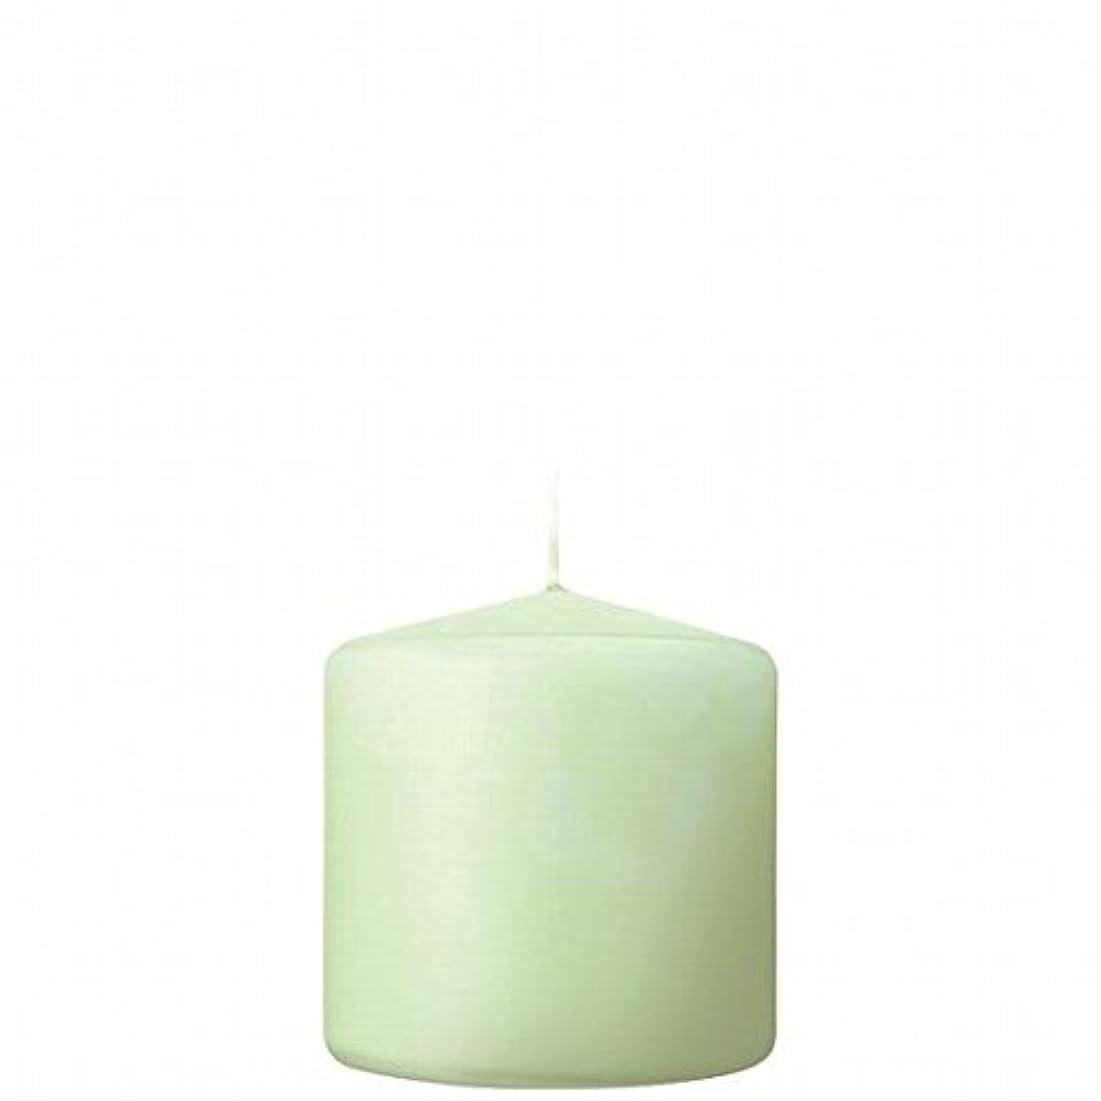 帝国主義ジャグリングマーチャンダイジングkameyama candle(カメヤマキャンドル) 3×3ベルトップピラーキャンドル 「 ホワイトグリーン 」(A9730000WG)